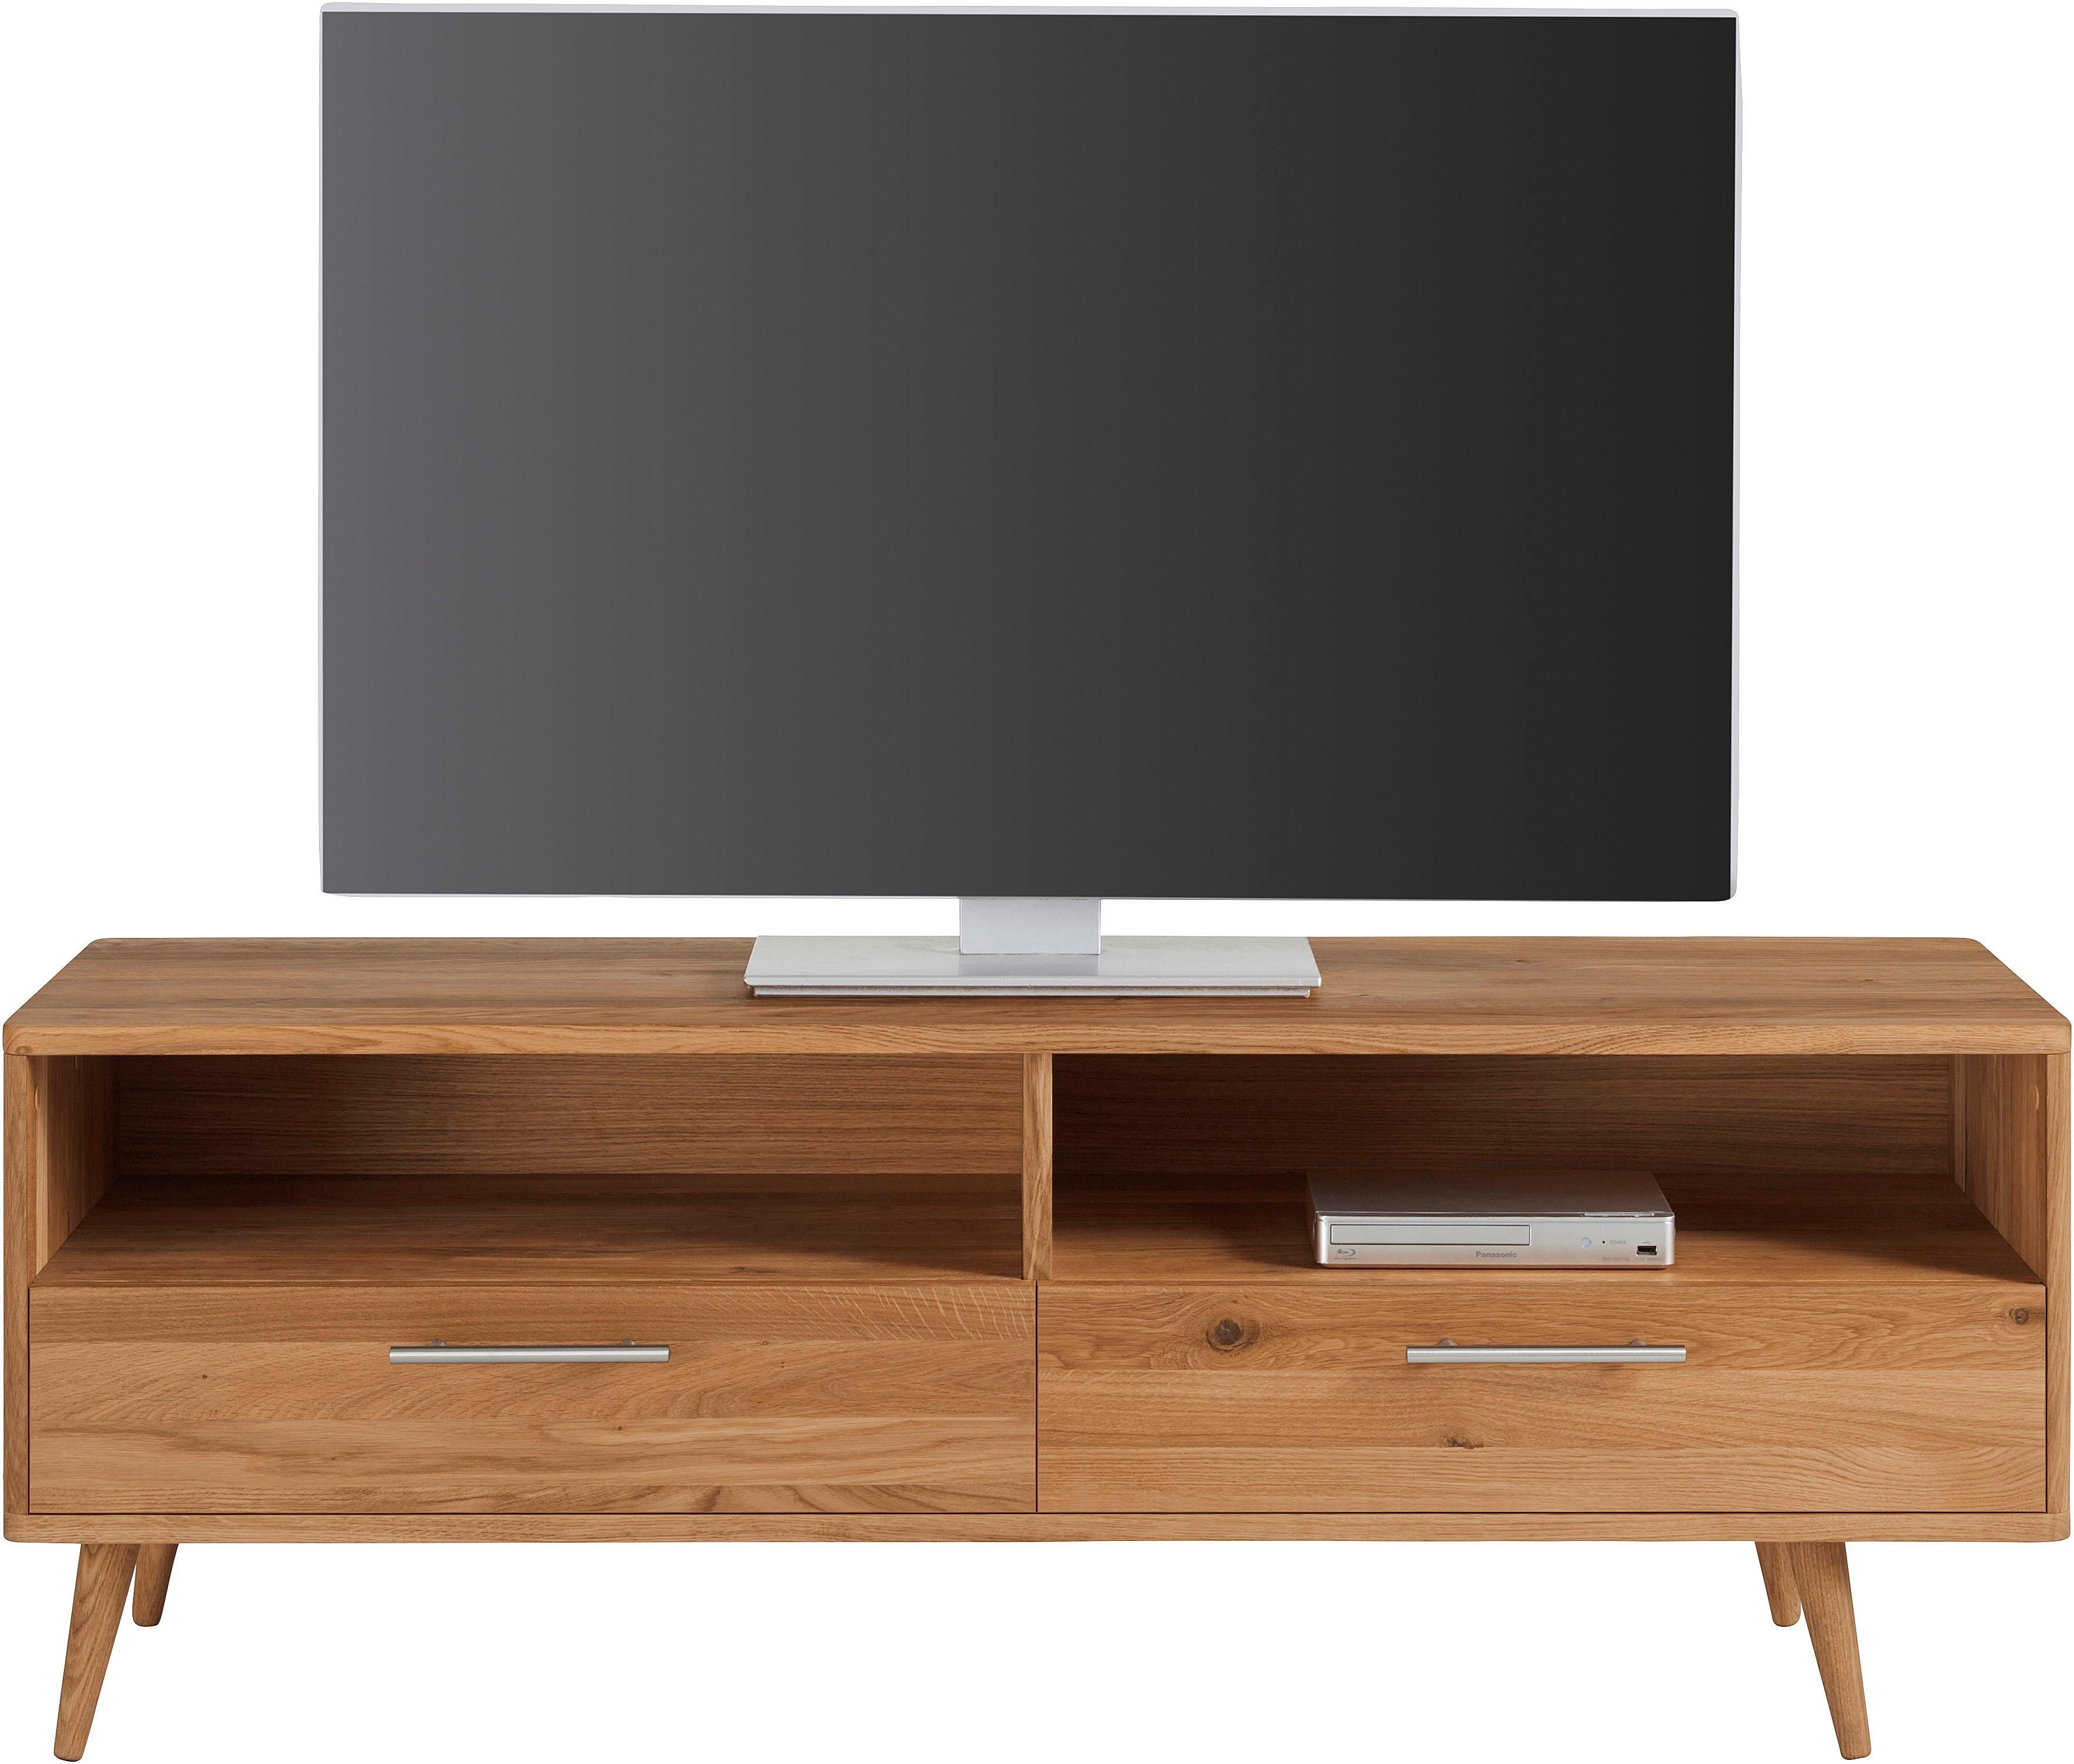 andas TV-Lowboard Pika Breite 140 cm aus massiver geölter Eiche